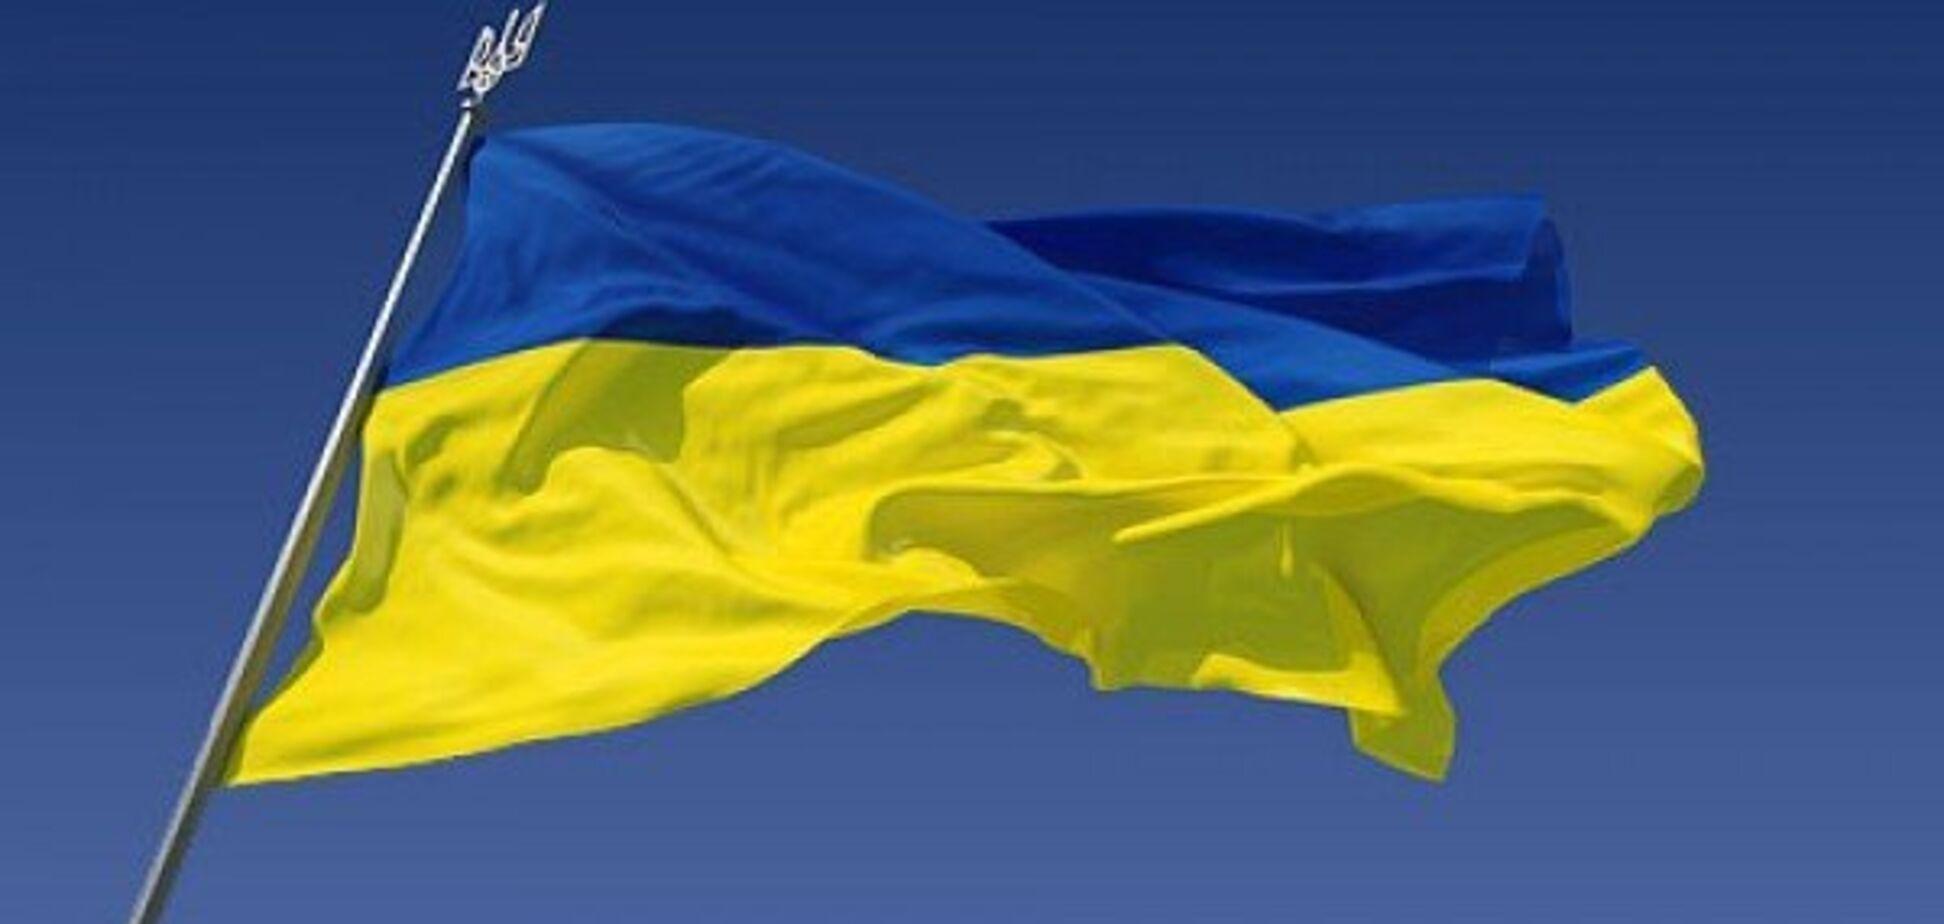 Боротьба з відмиванням грошей: Україна заручилася потужною підтримкою країни ЄС